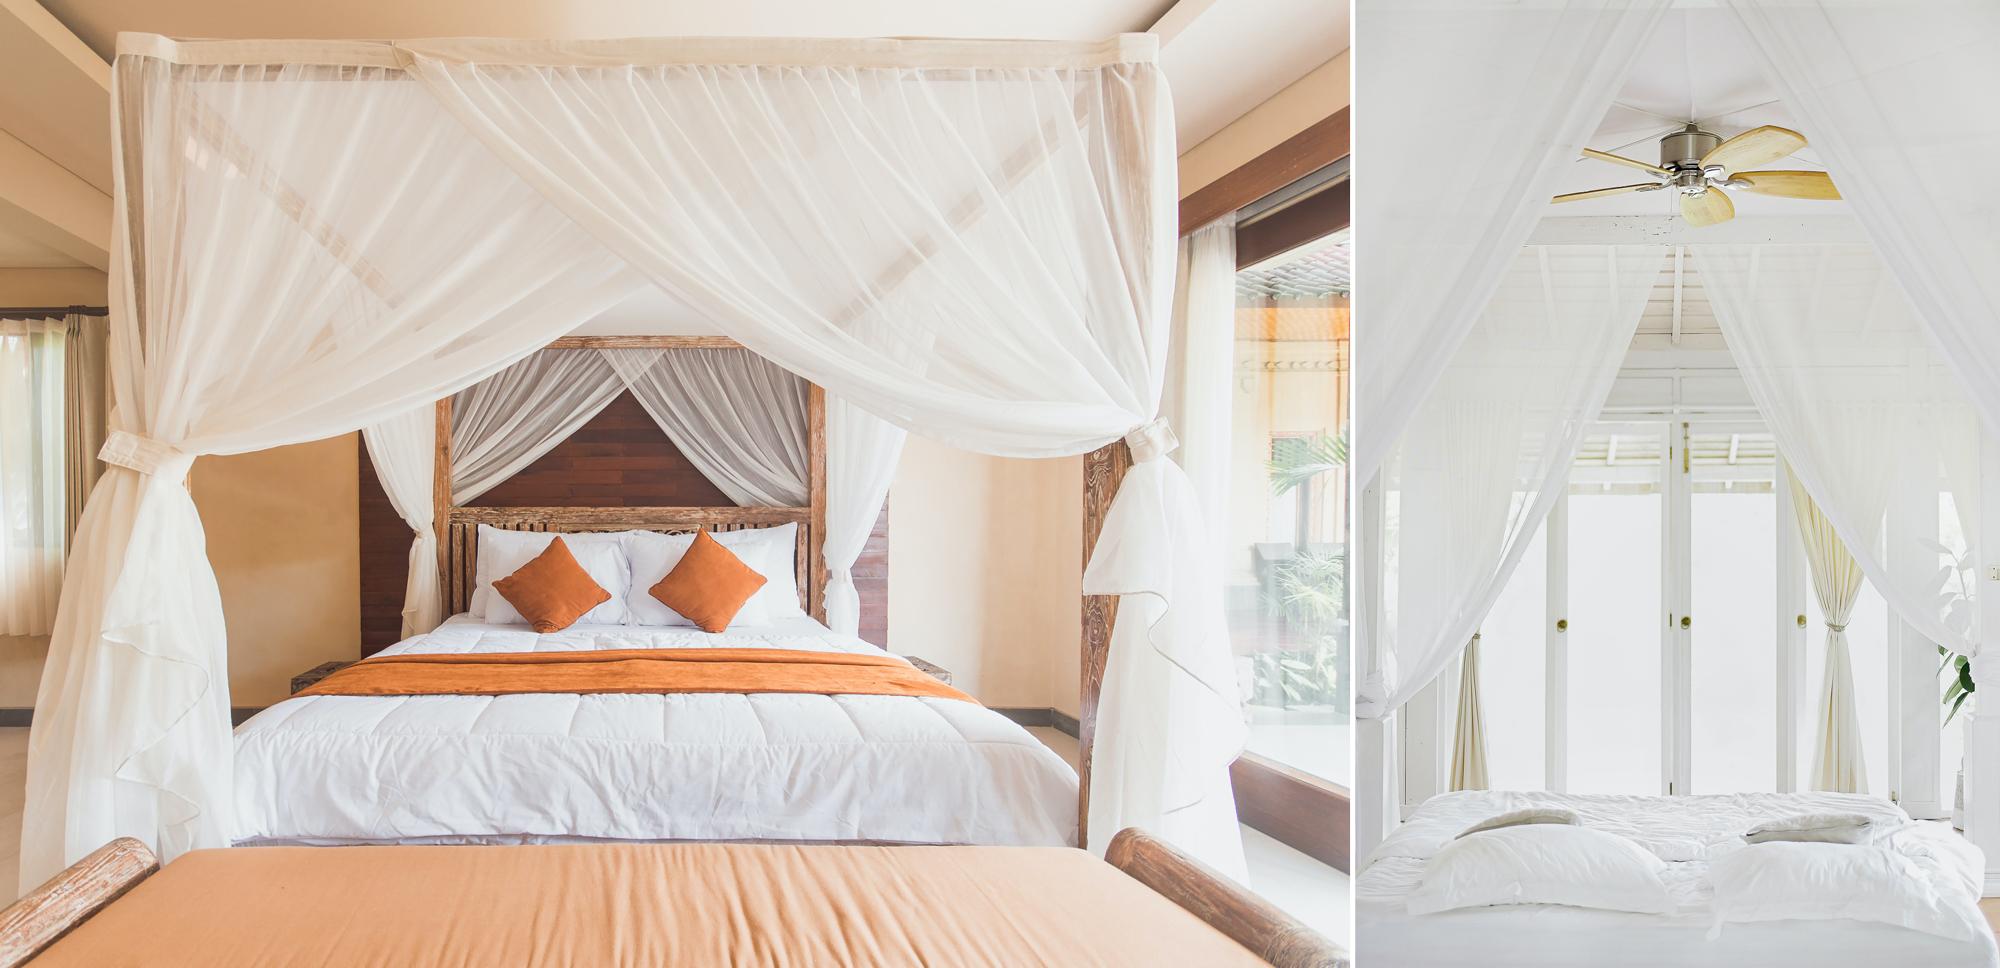 Lits à baldaquins avec rideaux ou moustiquaire